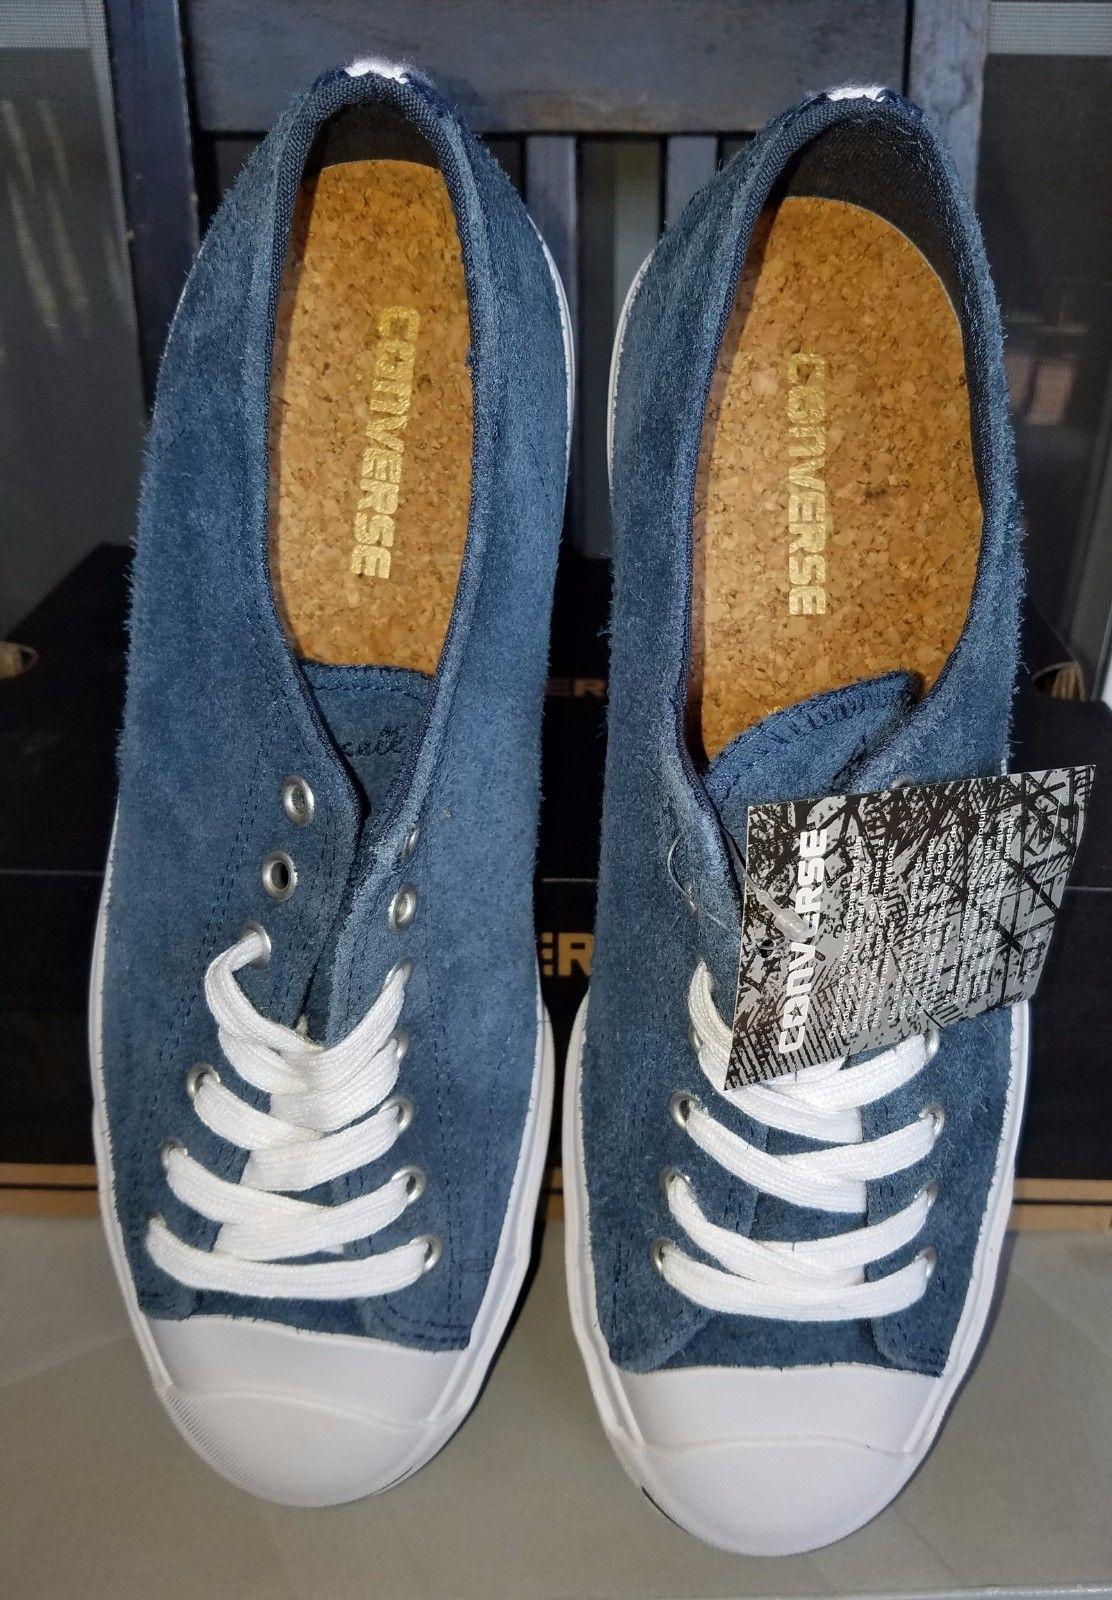 รองเท้า jack purcell ราคา